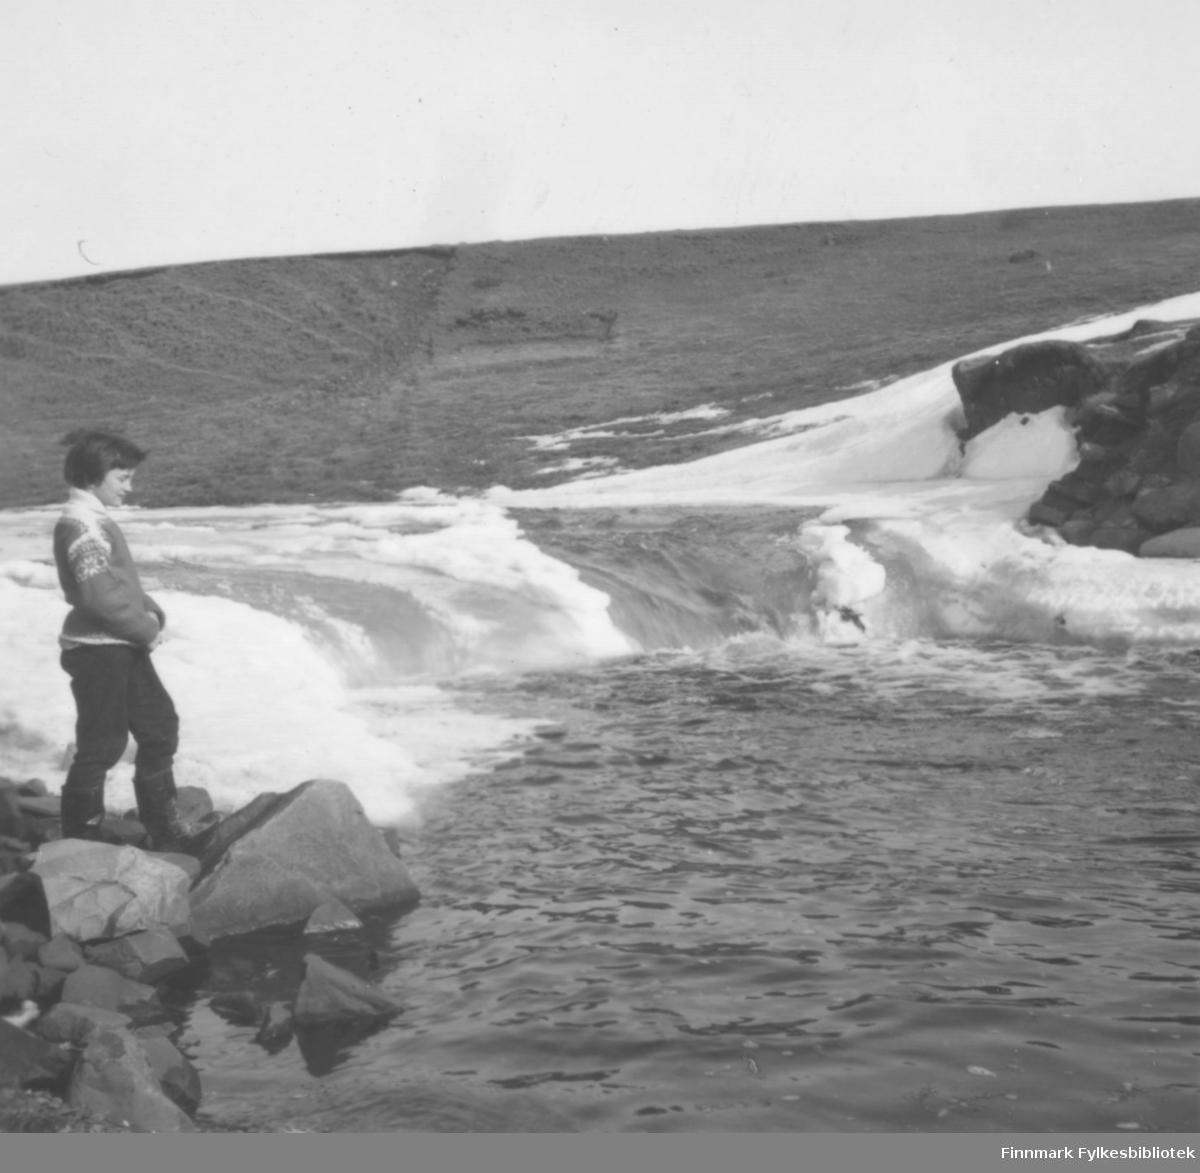 Torill Ebeltoft ved Falkegårdsfossen i Skallelv, ca. 1960